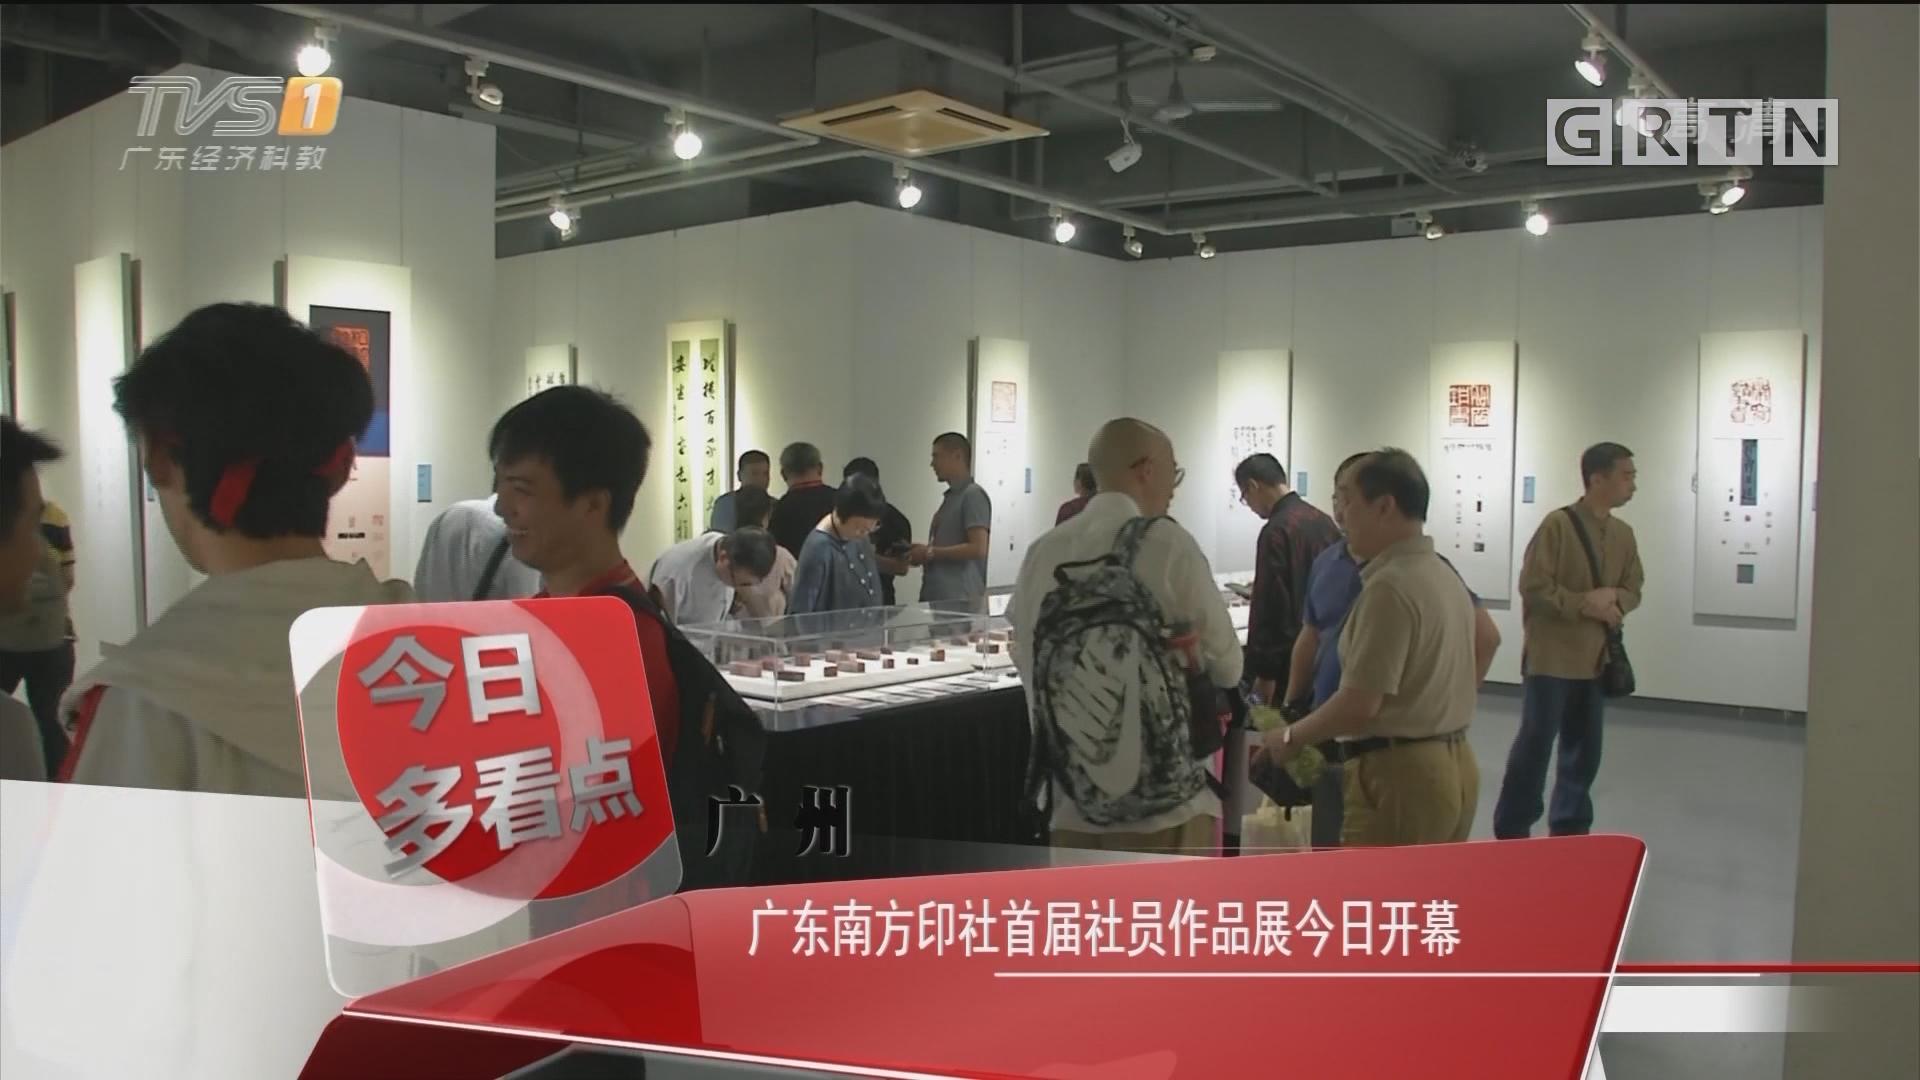 广州:广东南方印社首届社员作品展今日开幕